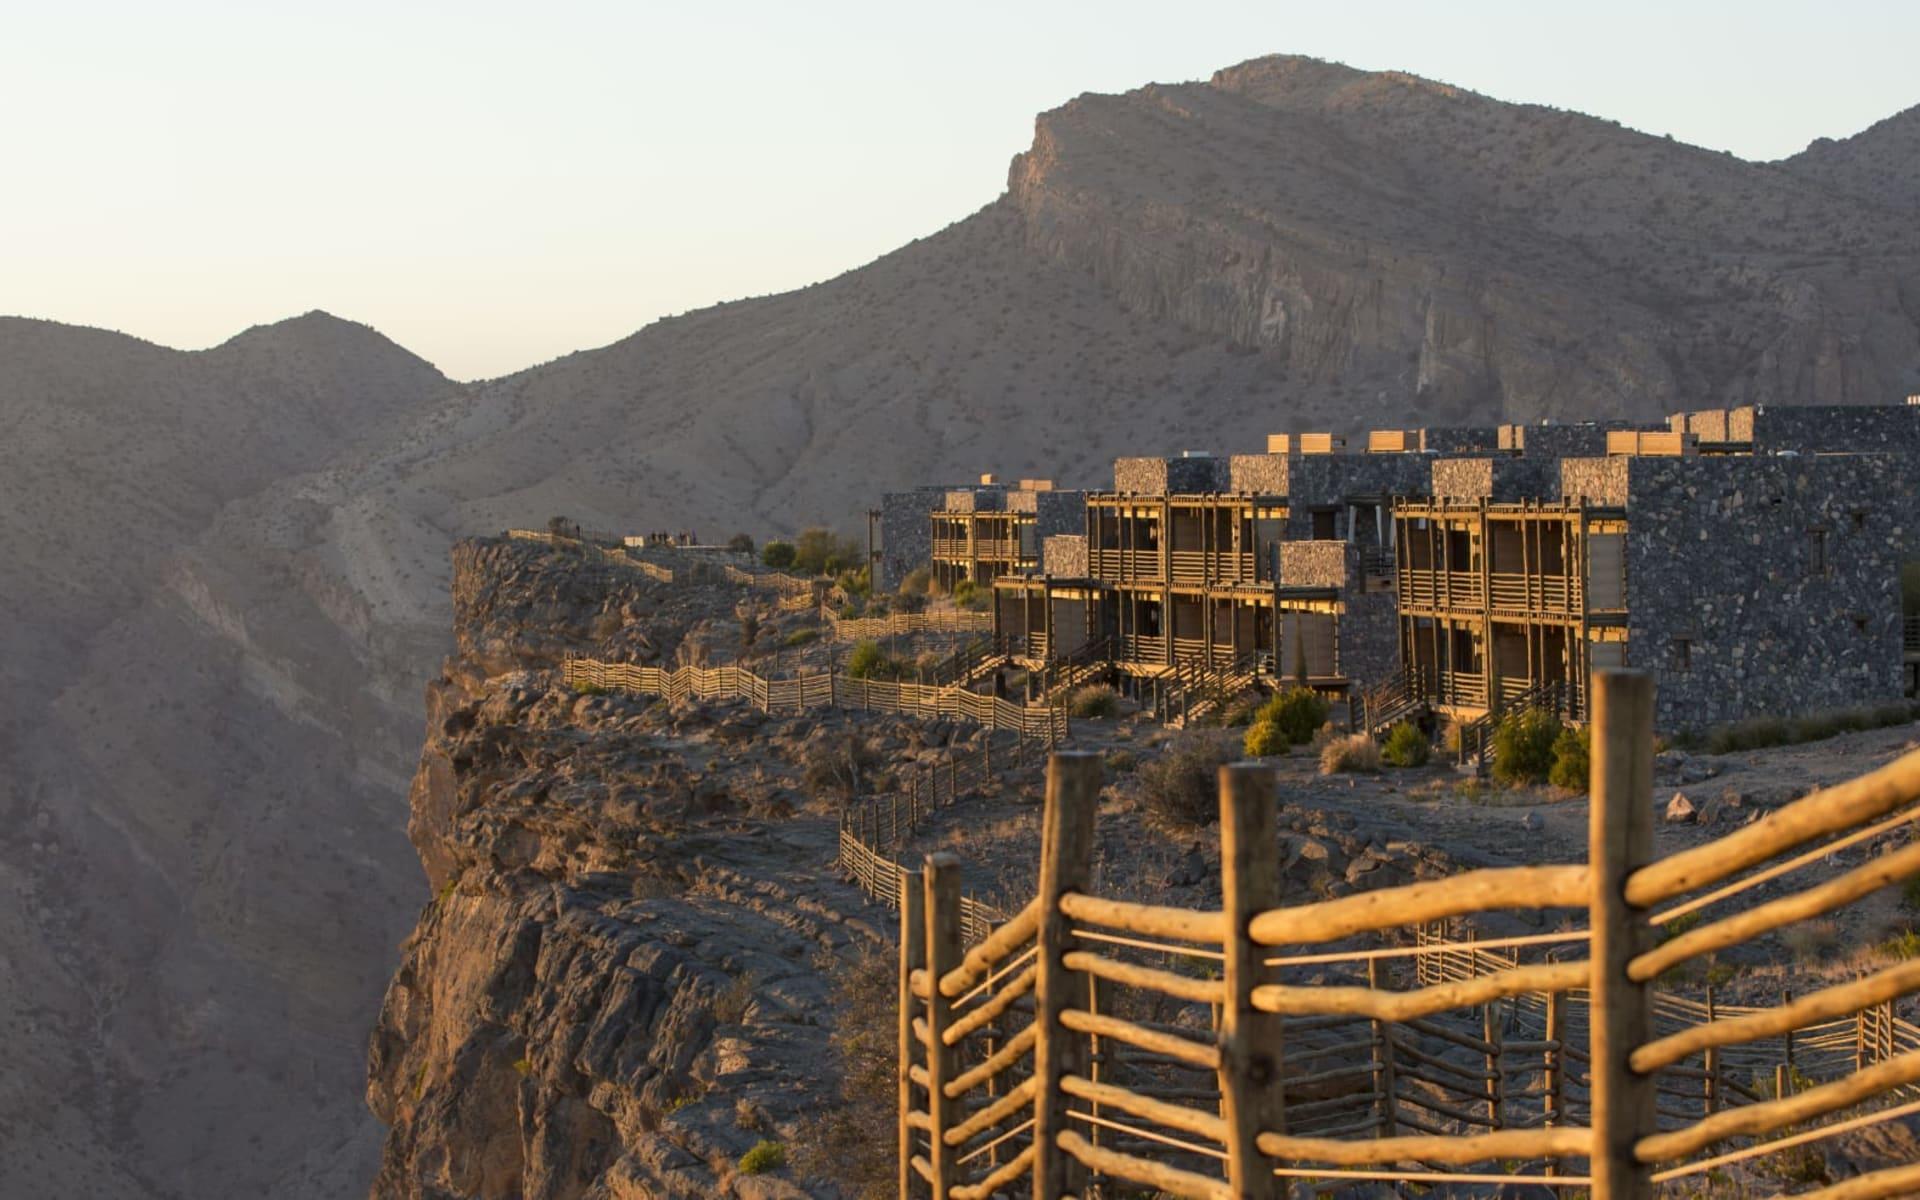 Alila Jabal Akhdar in Jebel Akhdar: